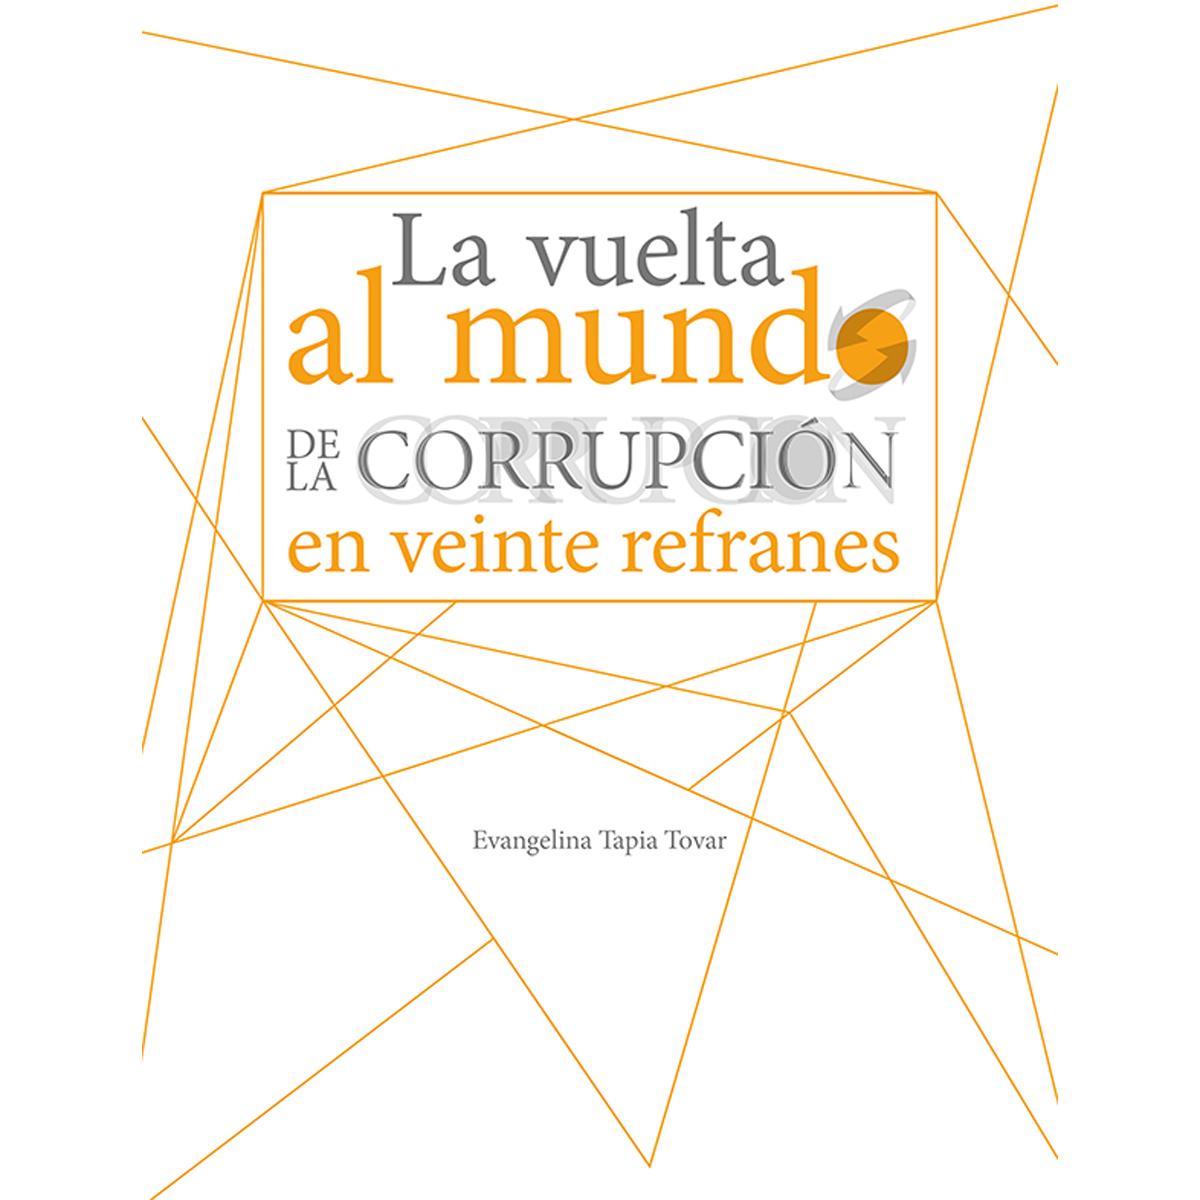 La vuelta al mundo de la corrupción en veinte refranes